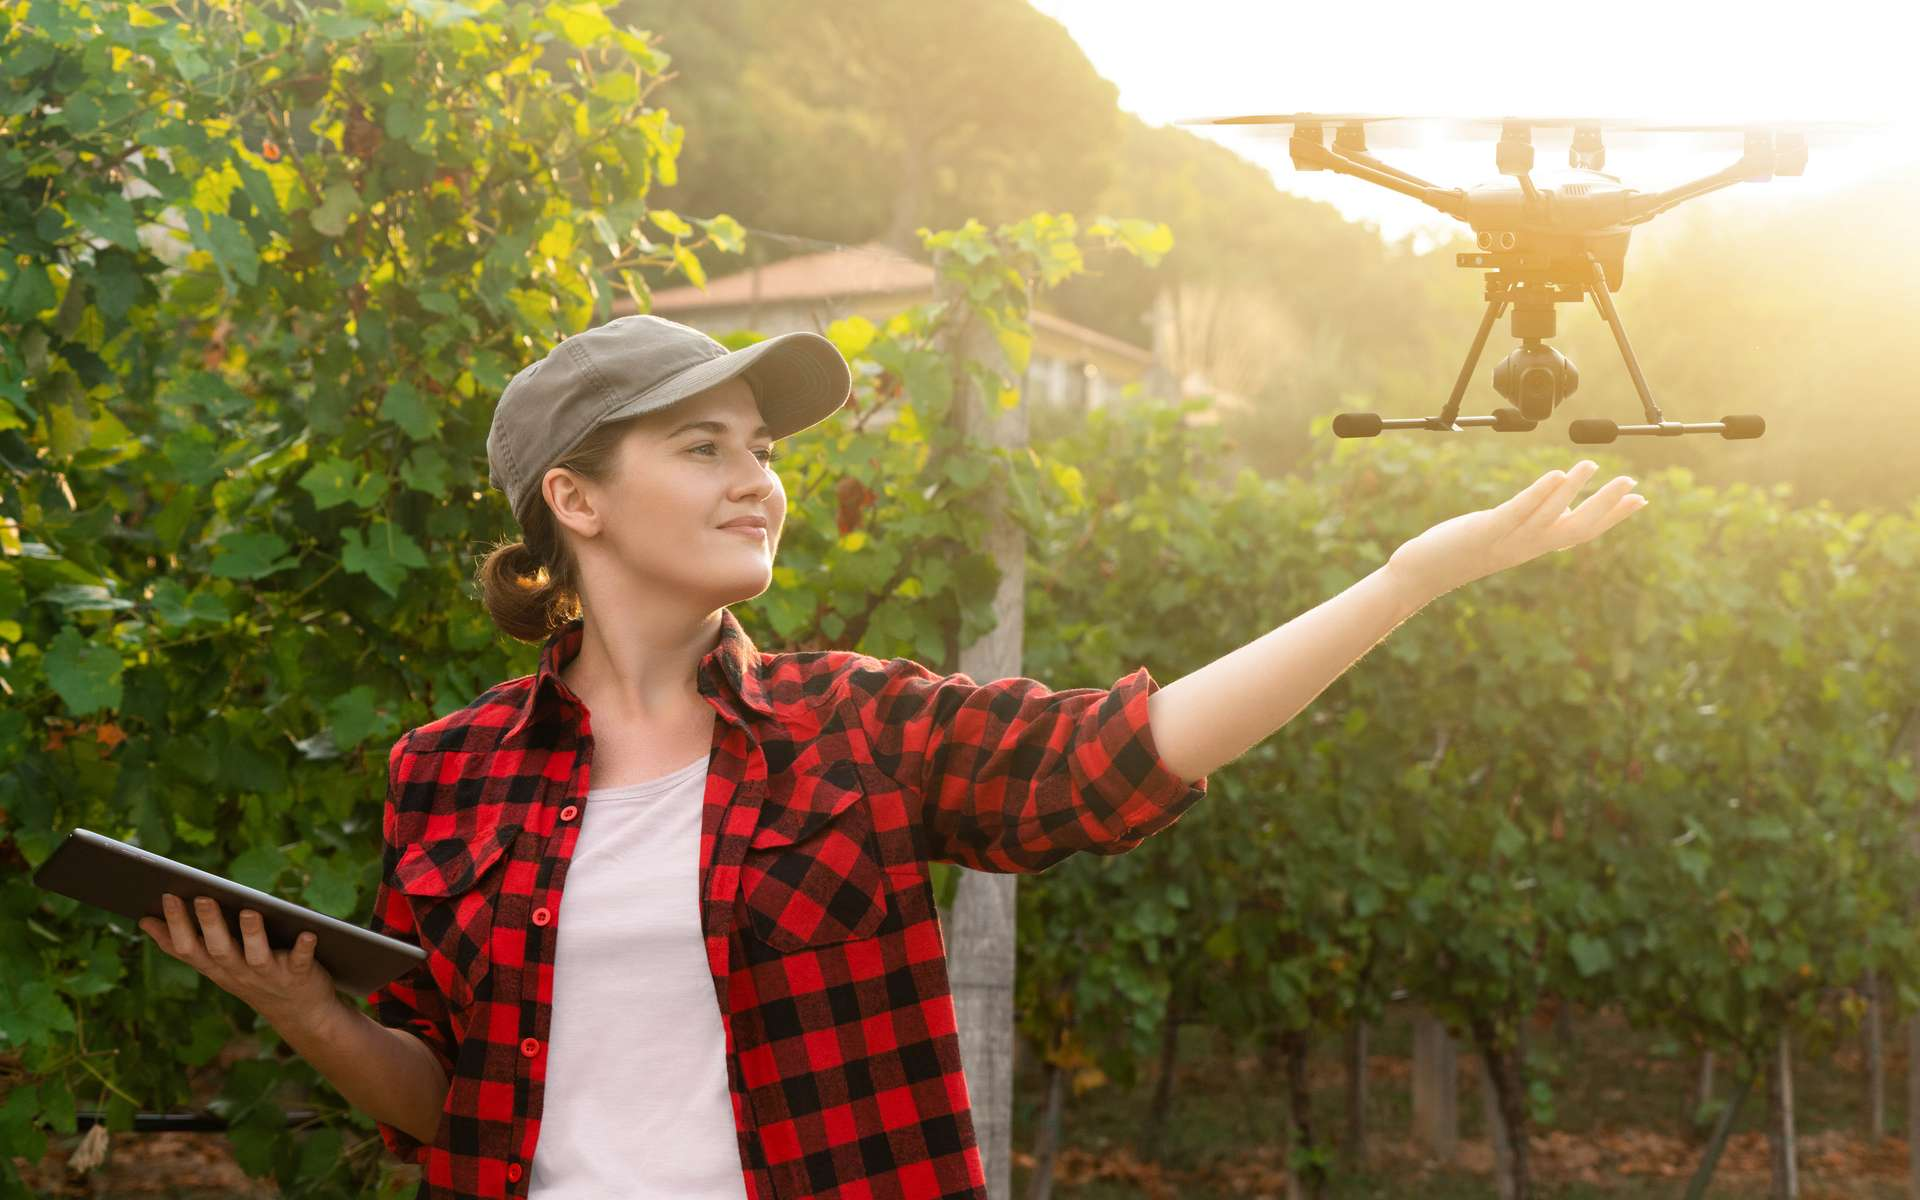 L'agriculture connectée passe notamment par l'utilisation de drones. © Scharfsinn86, Adobe Stock